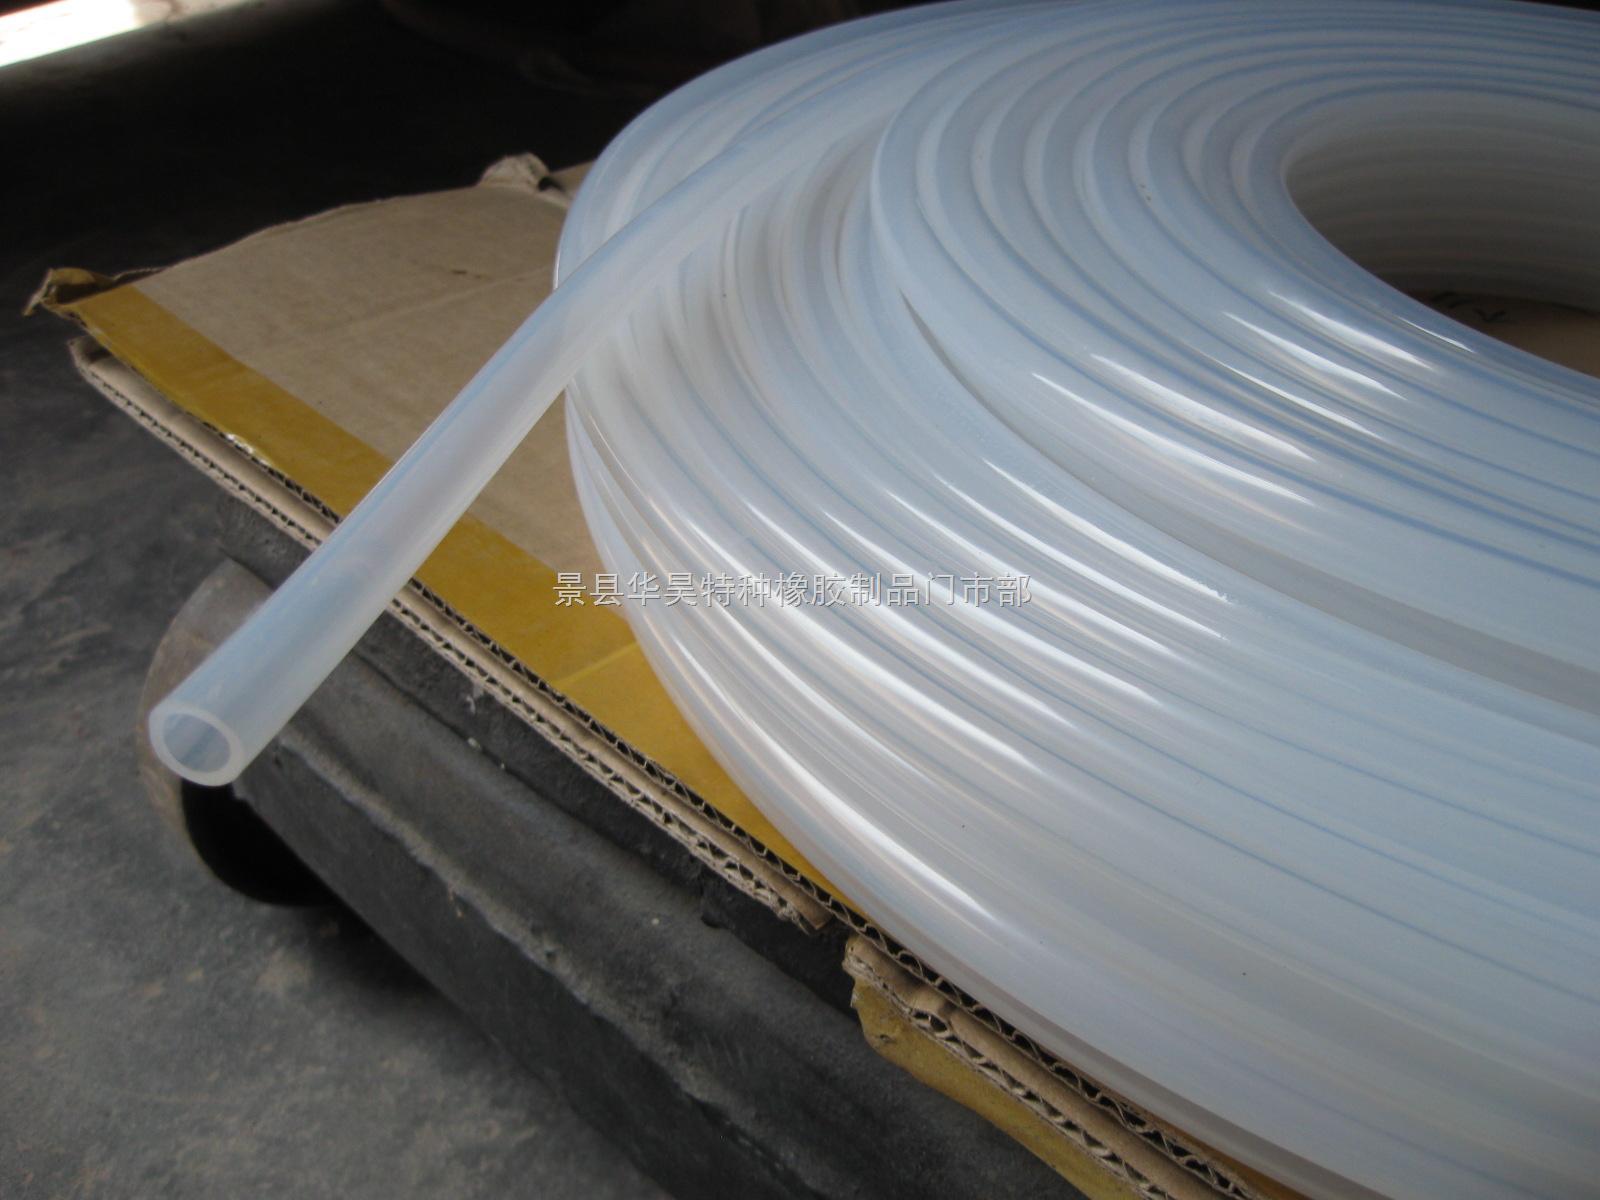 供应铂金硫化硅胶管,进口食品级硅胶管_中国制药网